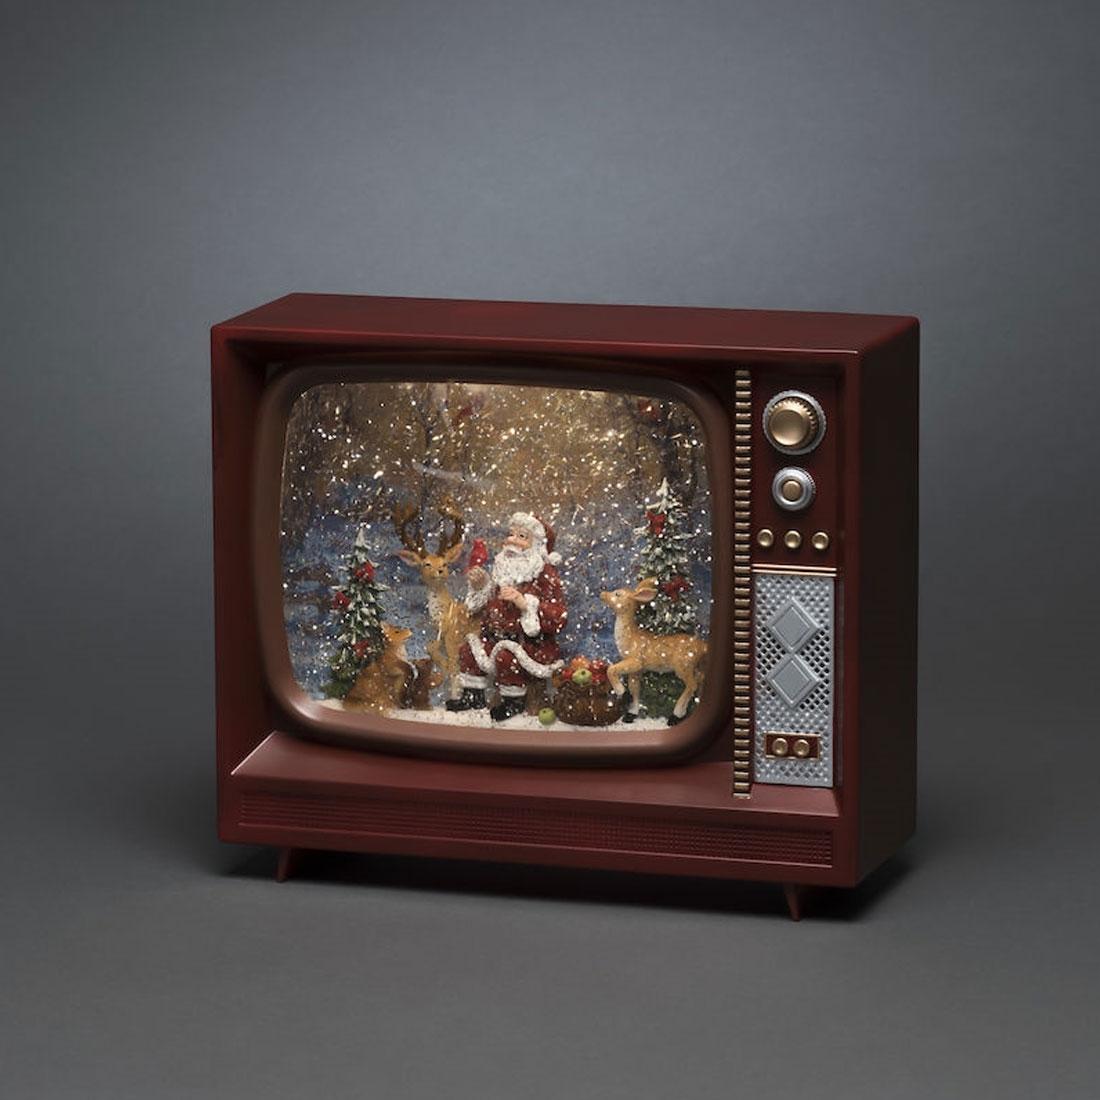 Konstsmide Vannfylt TV 9 cm julenisse og ren Music Timer 5t batteri